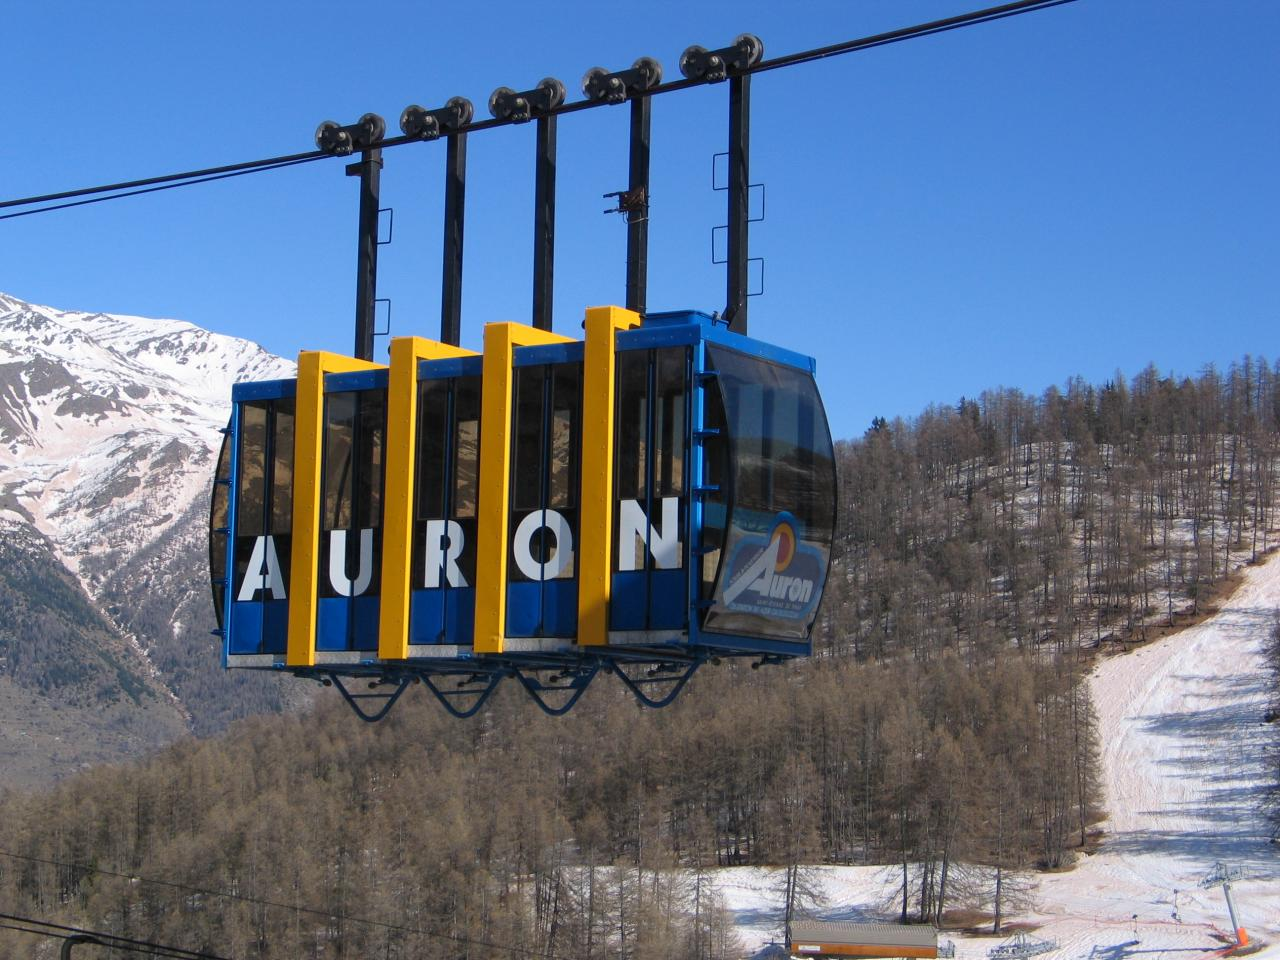 bleu comme ... le Téléphérique de Auron